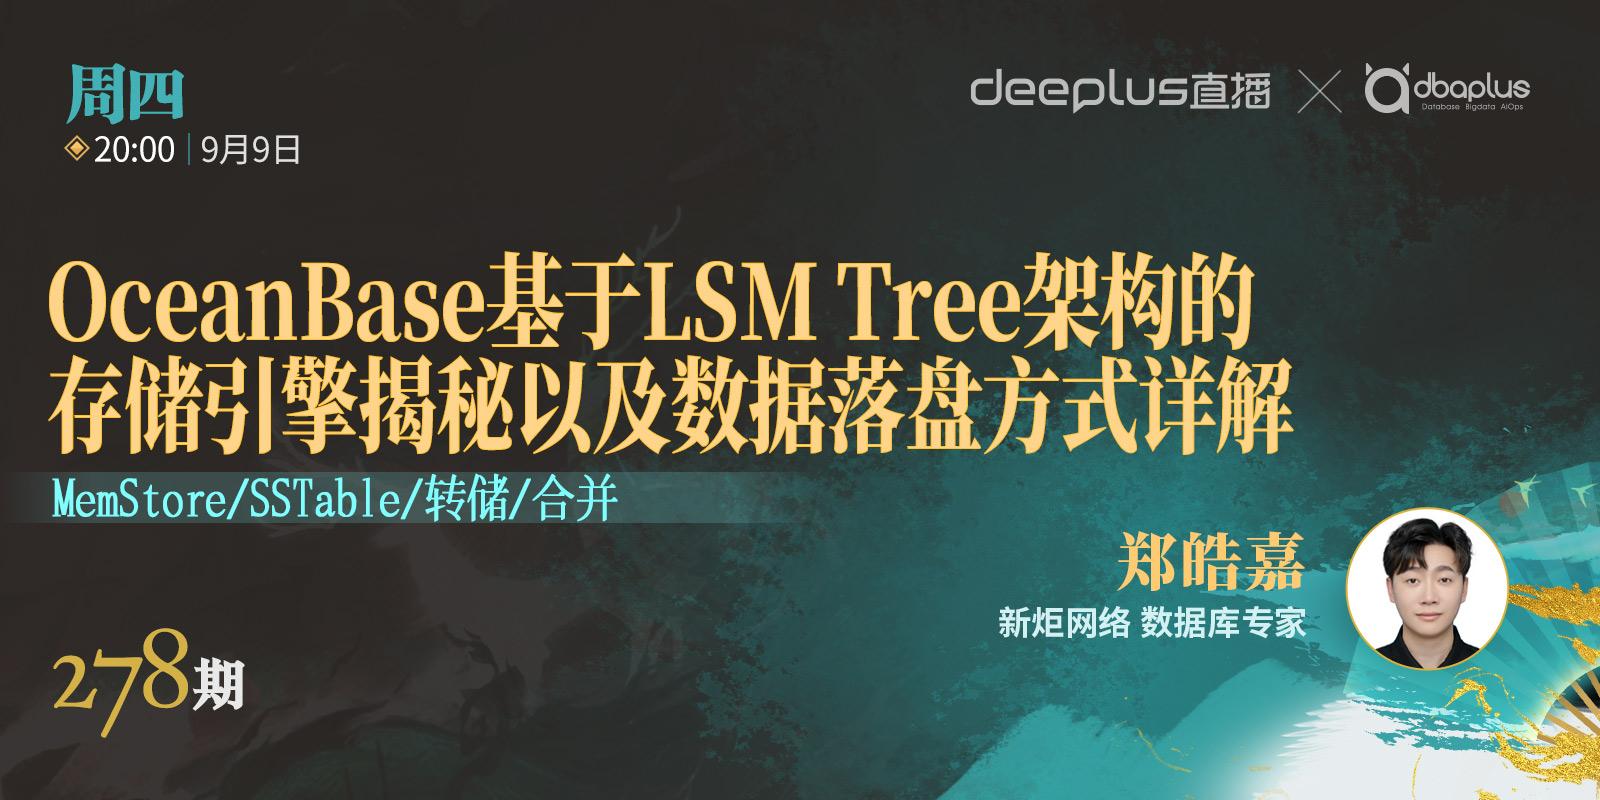 【dbaplus社群线上分享278期】OceanBase基于LSM Tree架构的存储引擎揭秘以及数据落盘方式详解